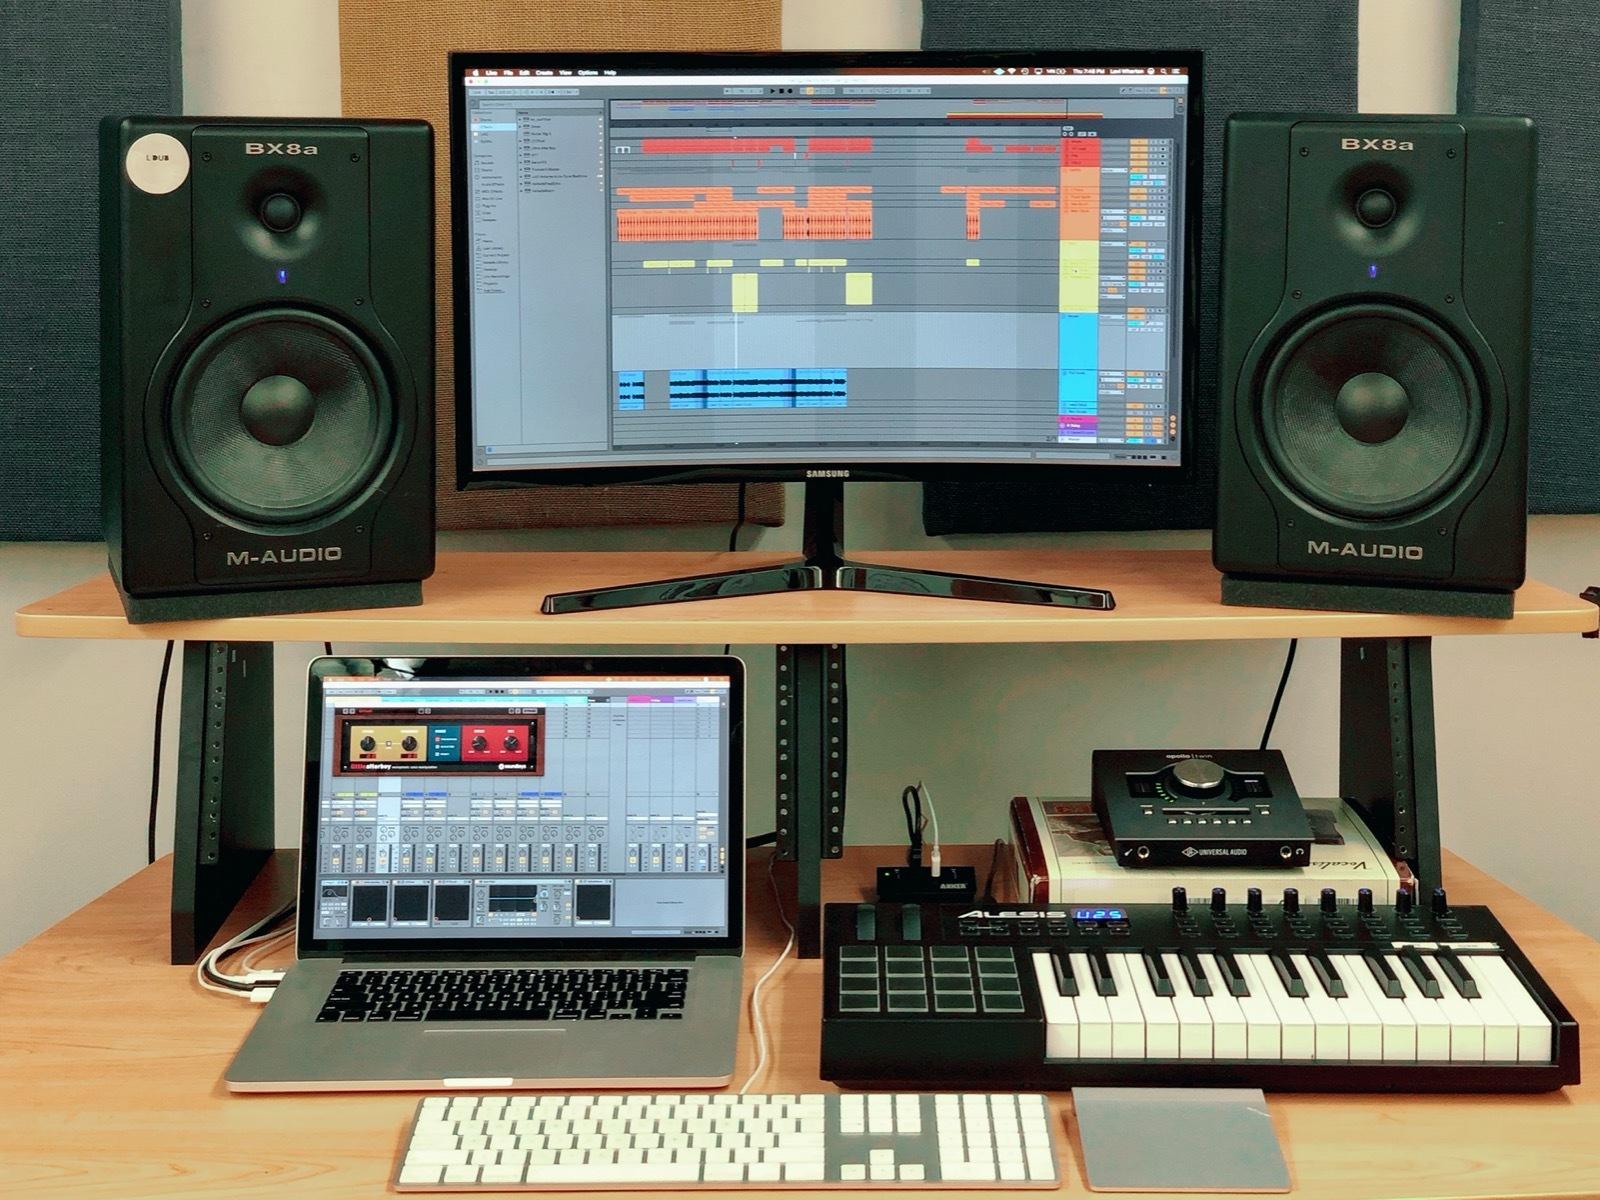 Clases de Producción musical en Ableton Live.